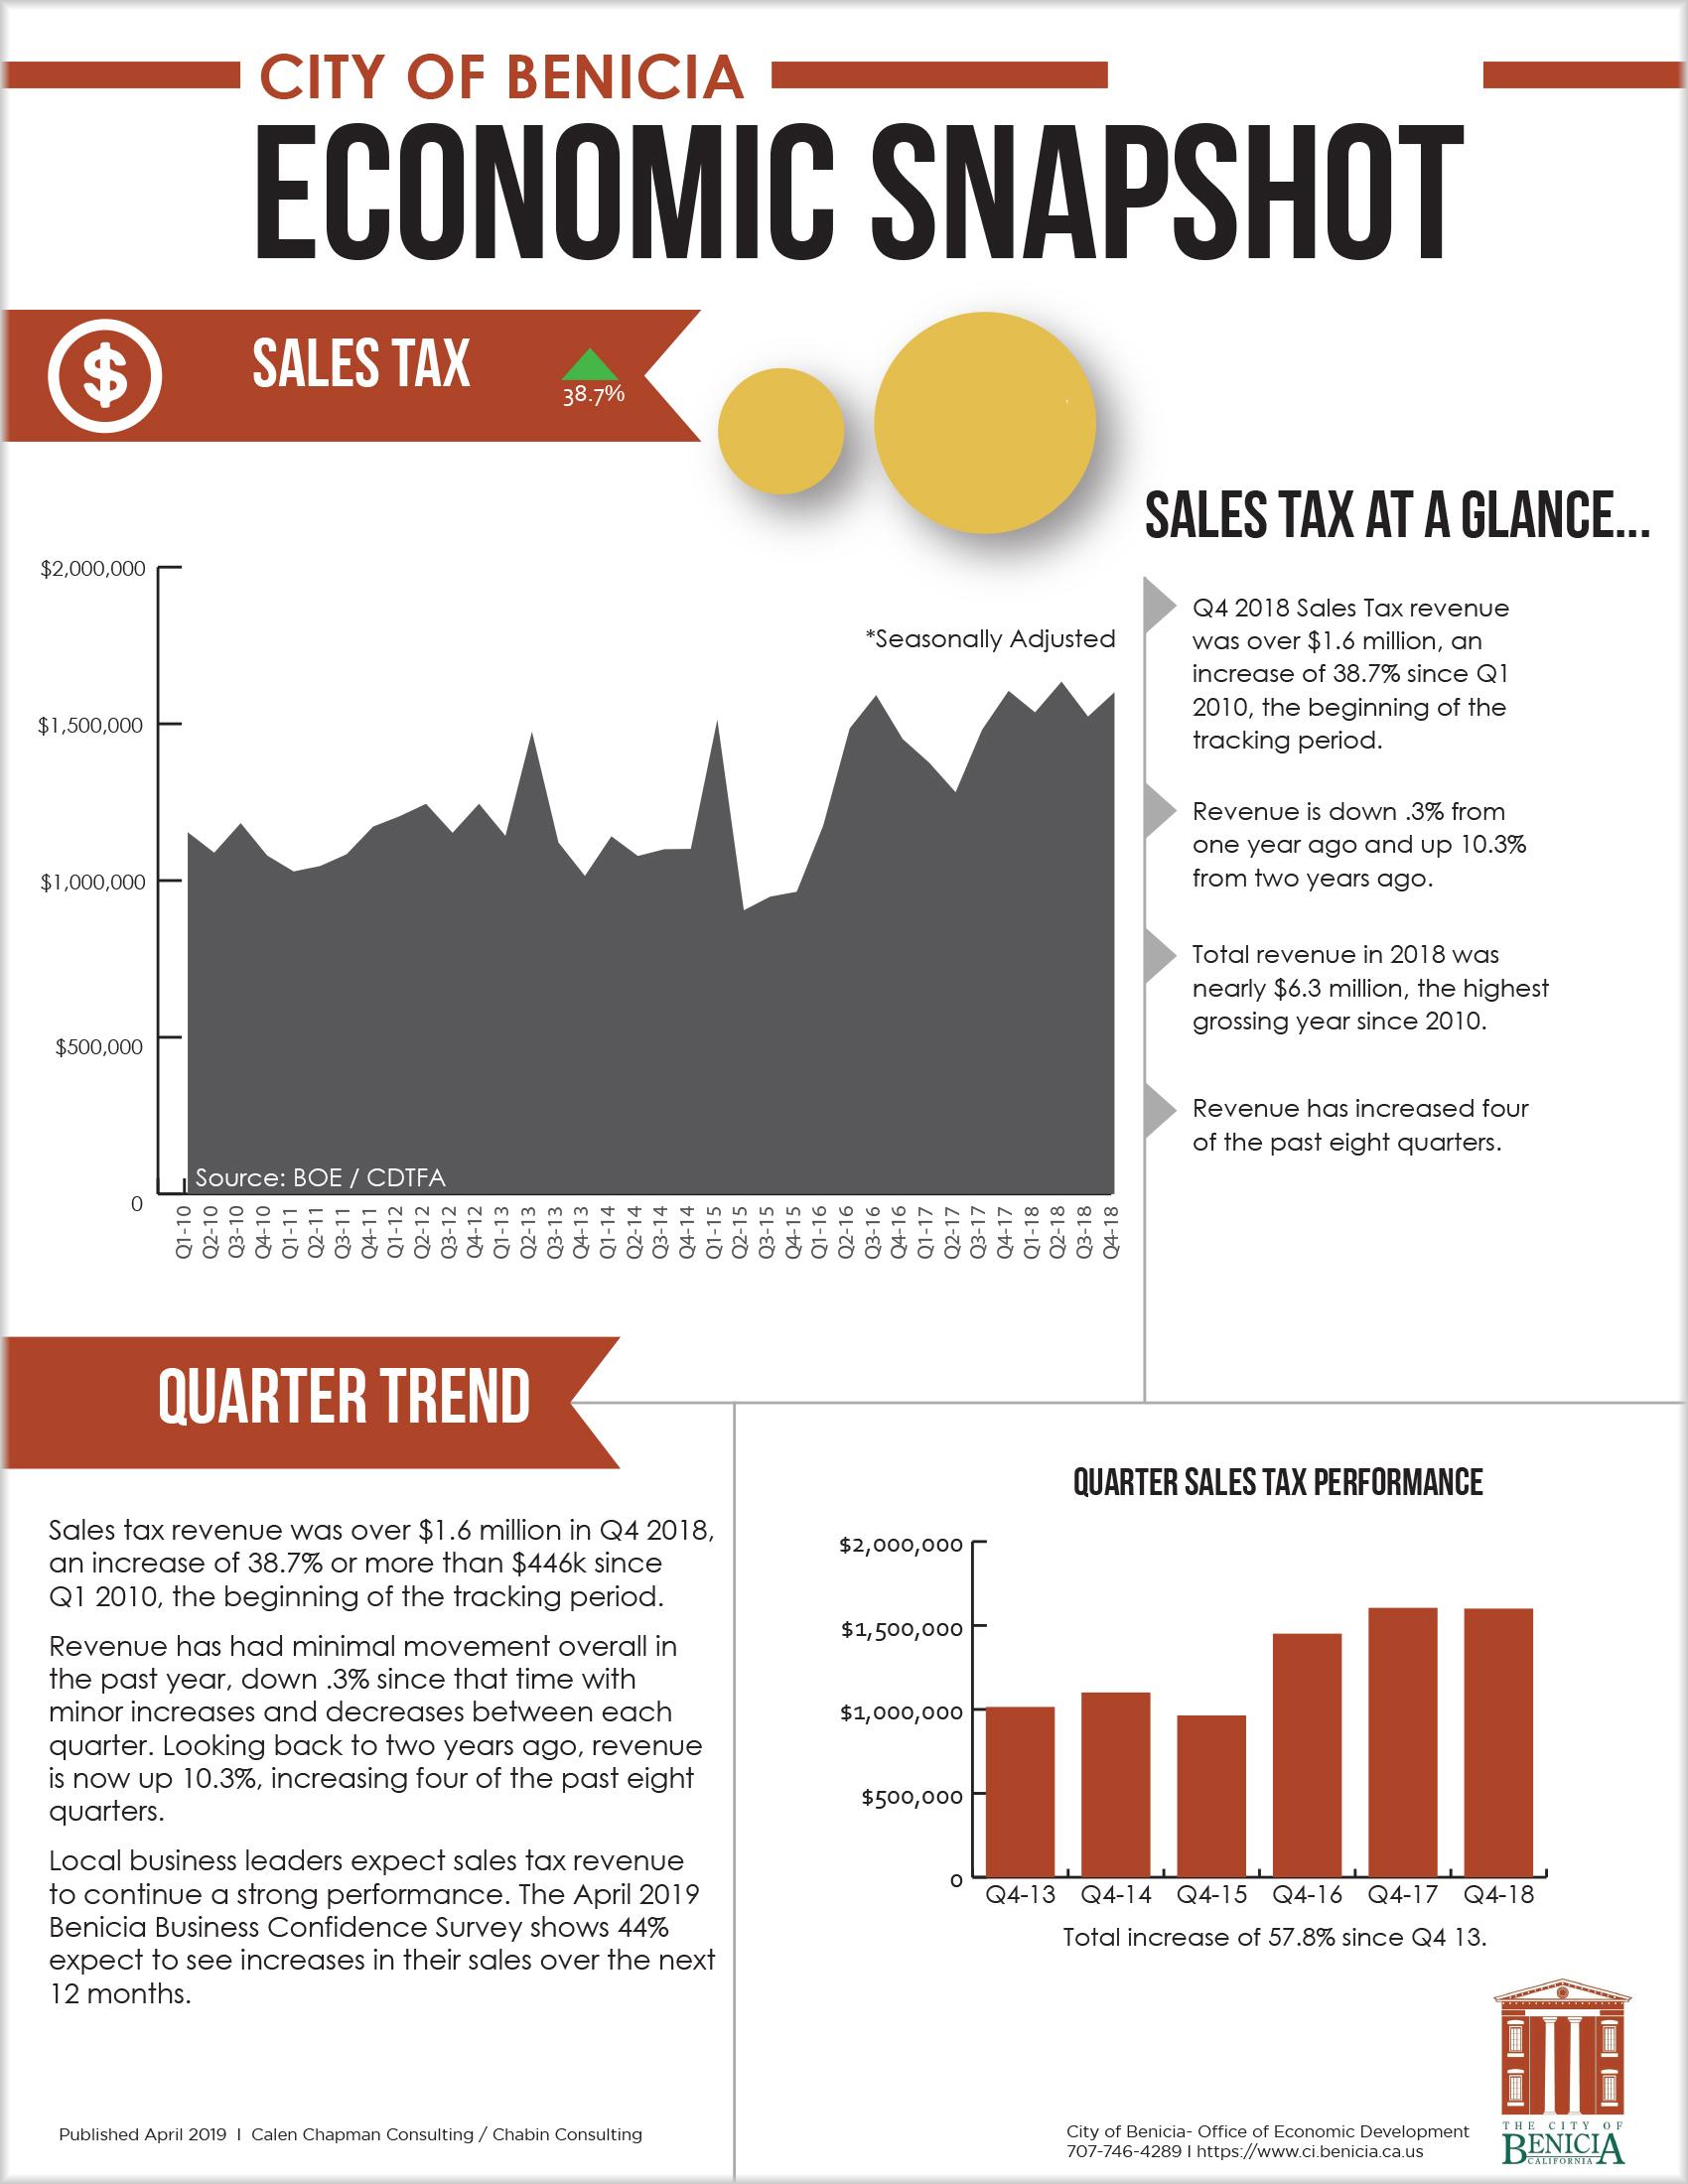 Sales Tax - Q4 2018